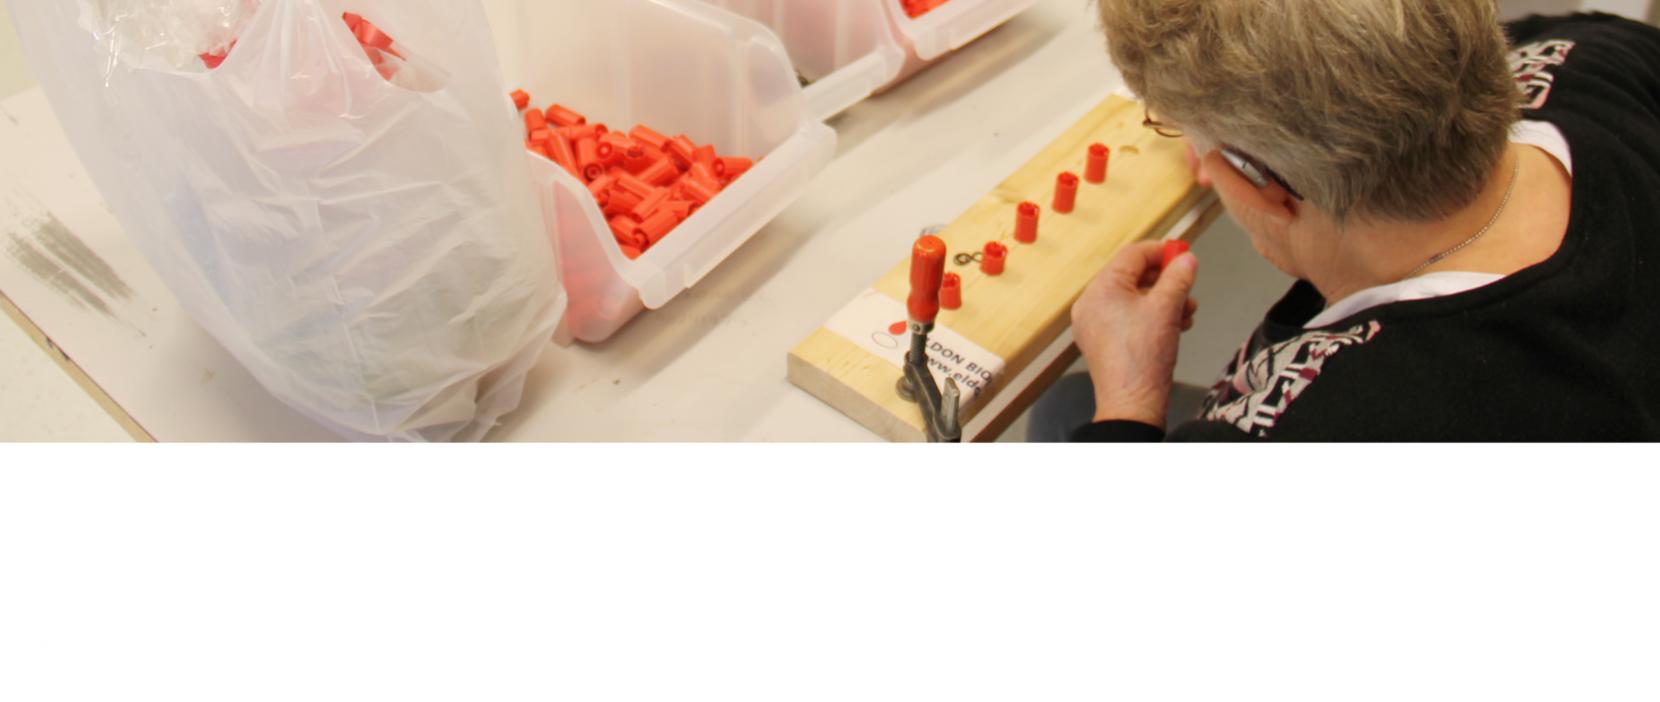 Monteringsværkstedet løser mange forskellige typer af opgaver for private firmaer, her arbejdes der med røde plastikdimser